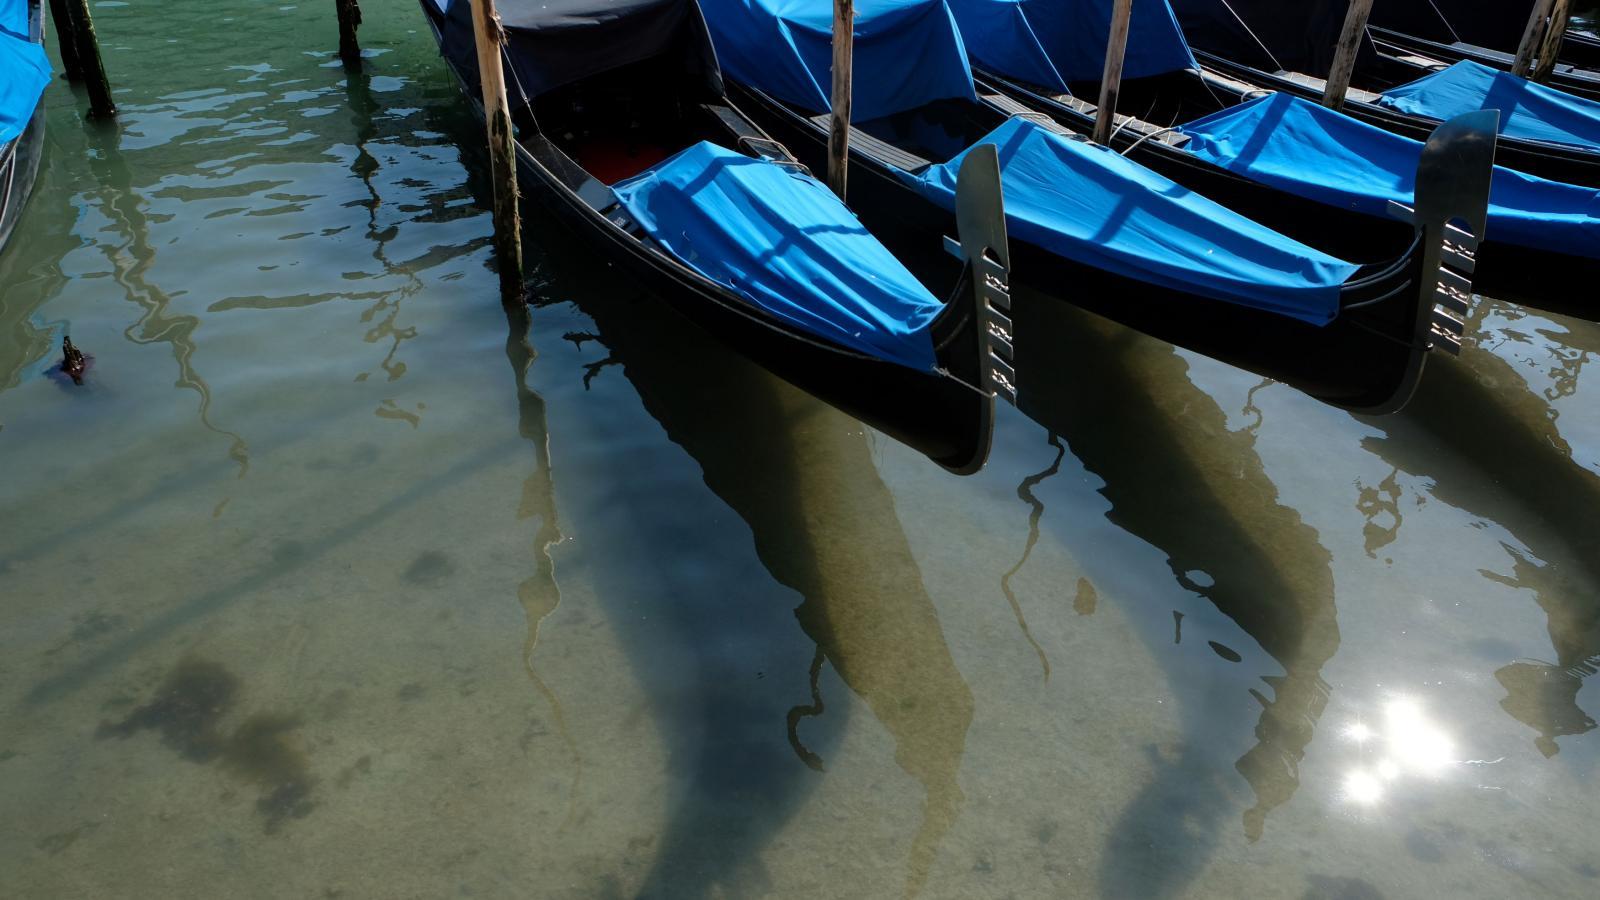 Průzrařná voda v benátských kanálech